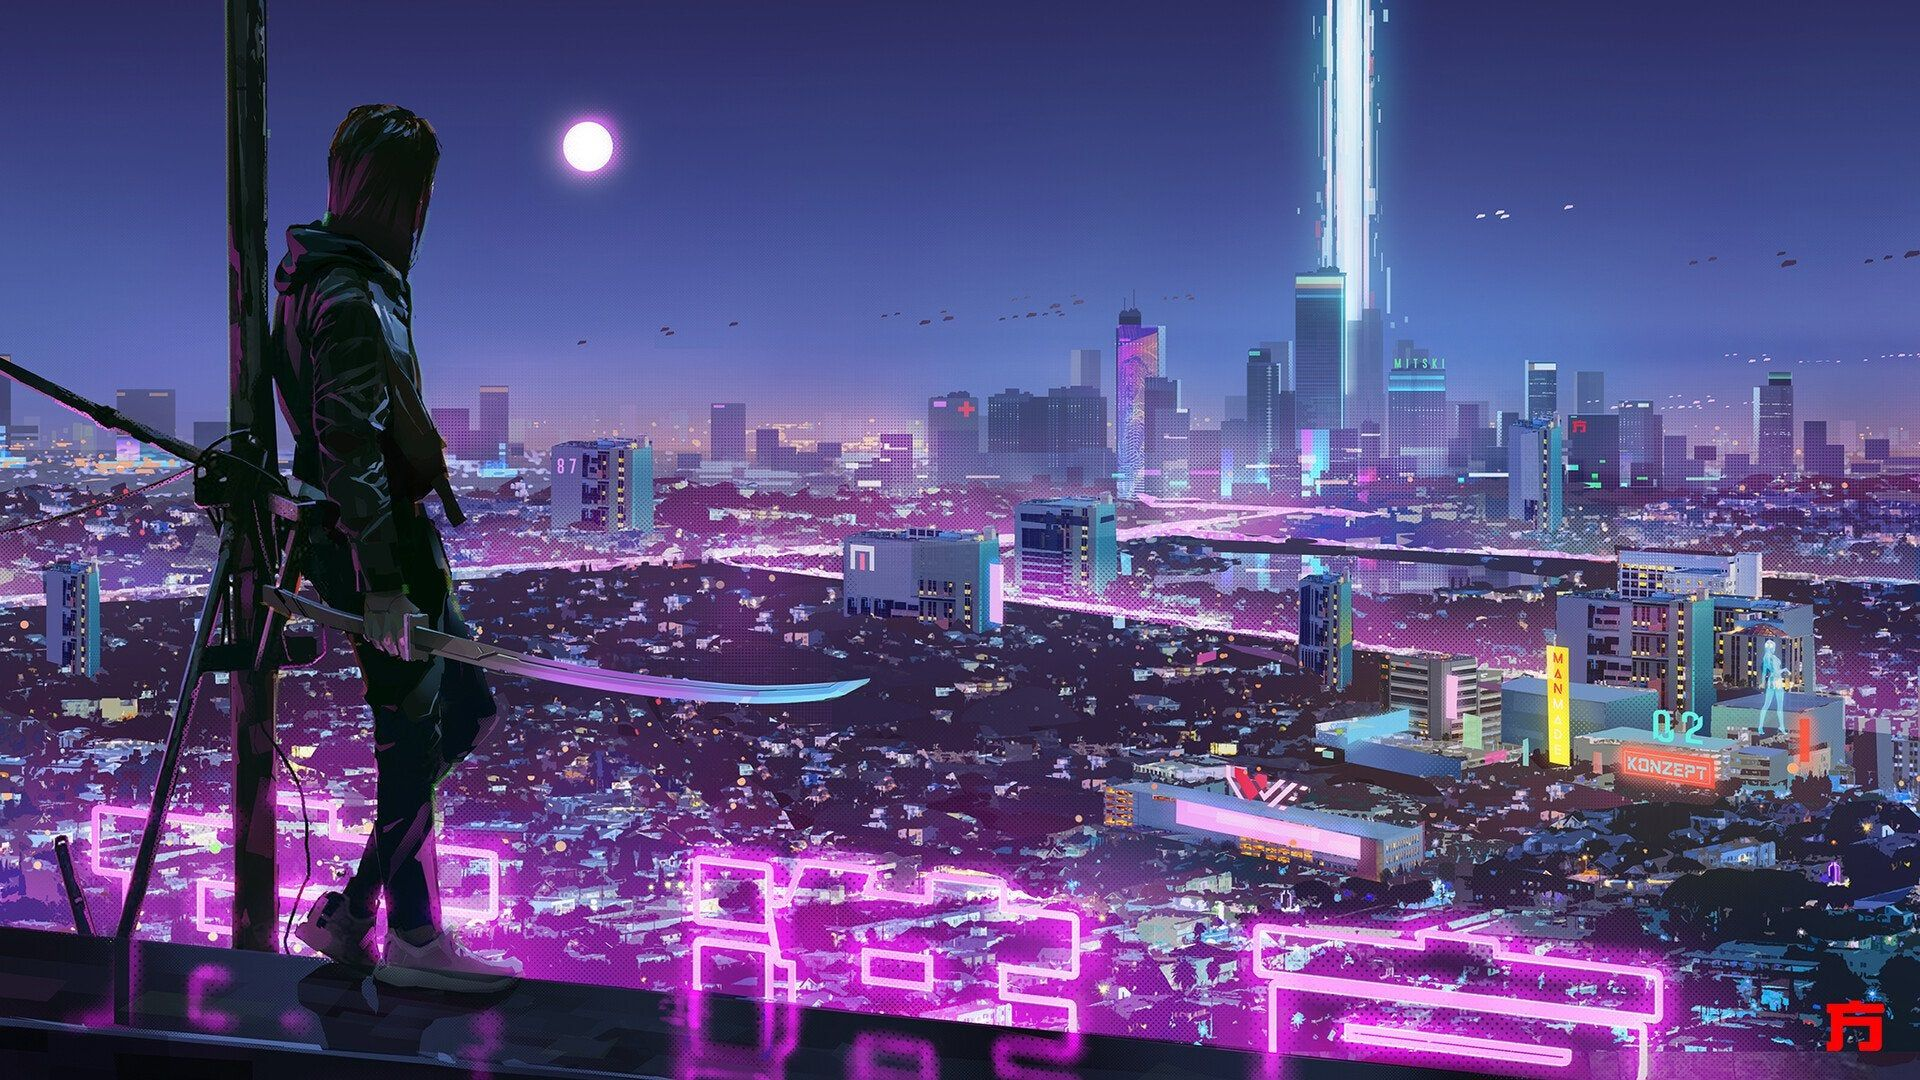 Cyberpunk Enough En 2020 Fotos